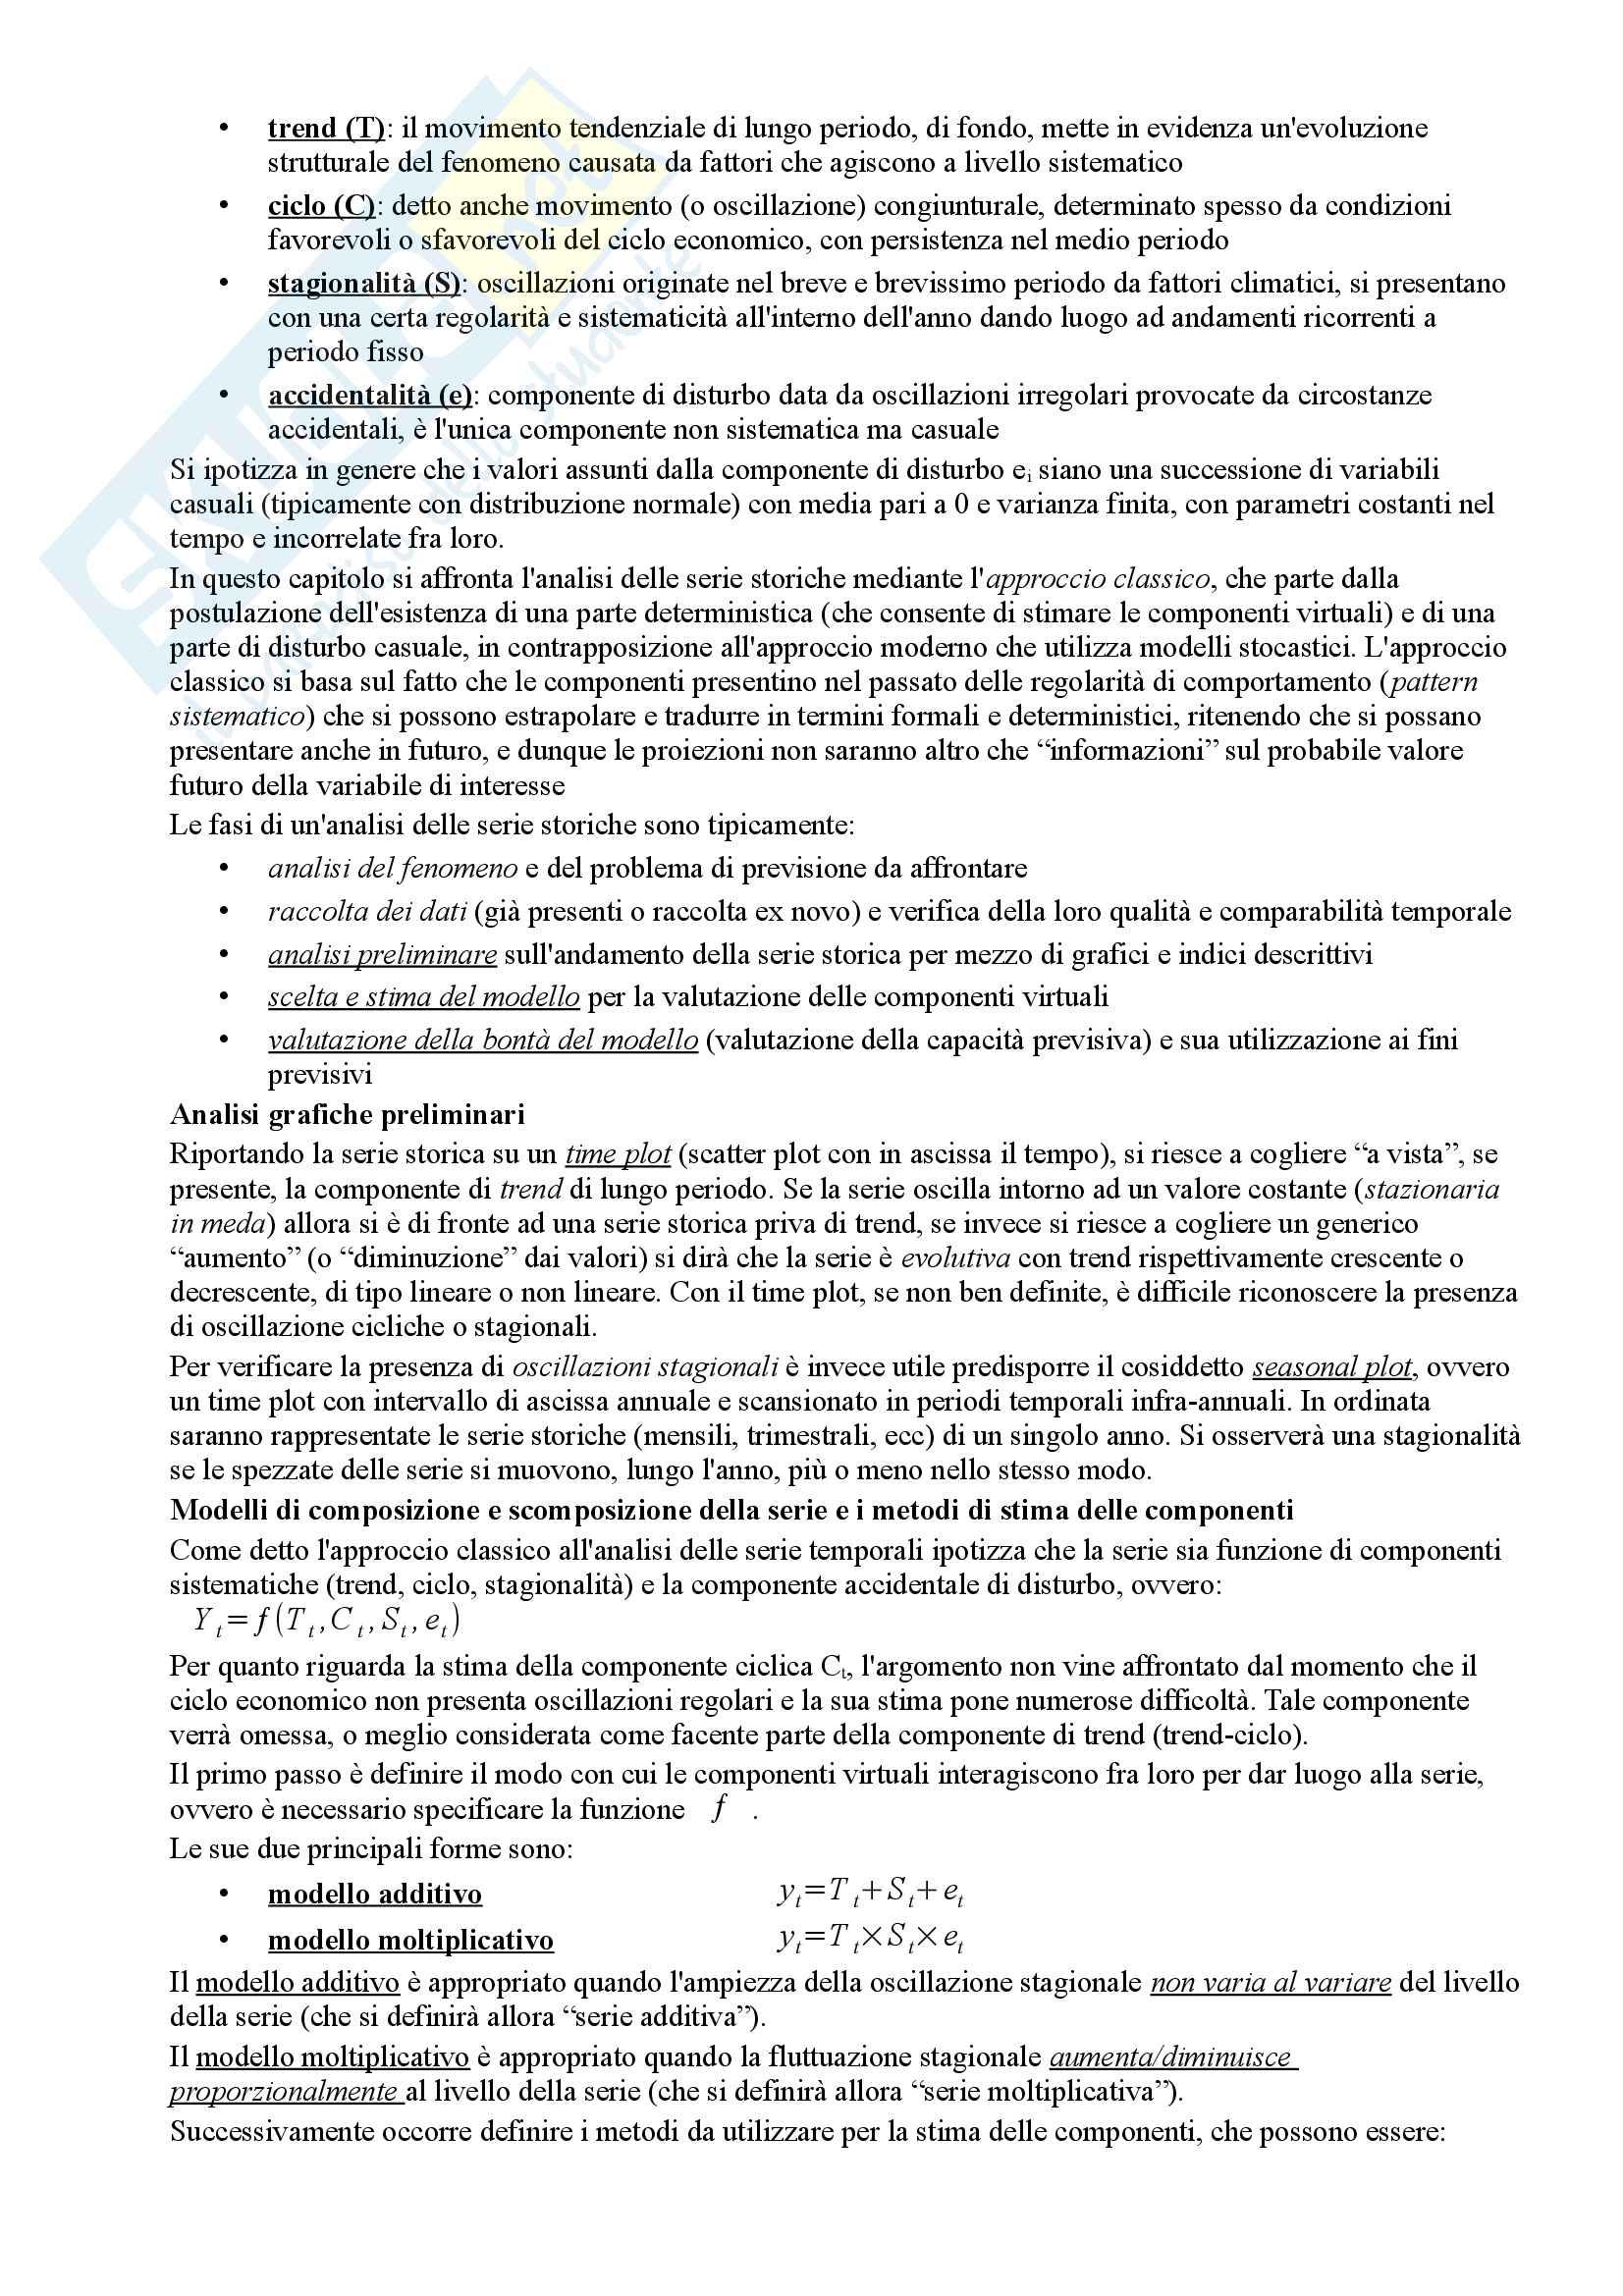 Riassunto esame Statistica Economica (Aziendale), prof. Grassini, libro consigliato Statistica per le decisioni aziendali, Biggeri, Bini e a.v. Pag. 16